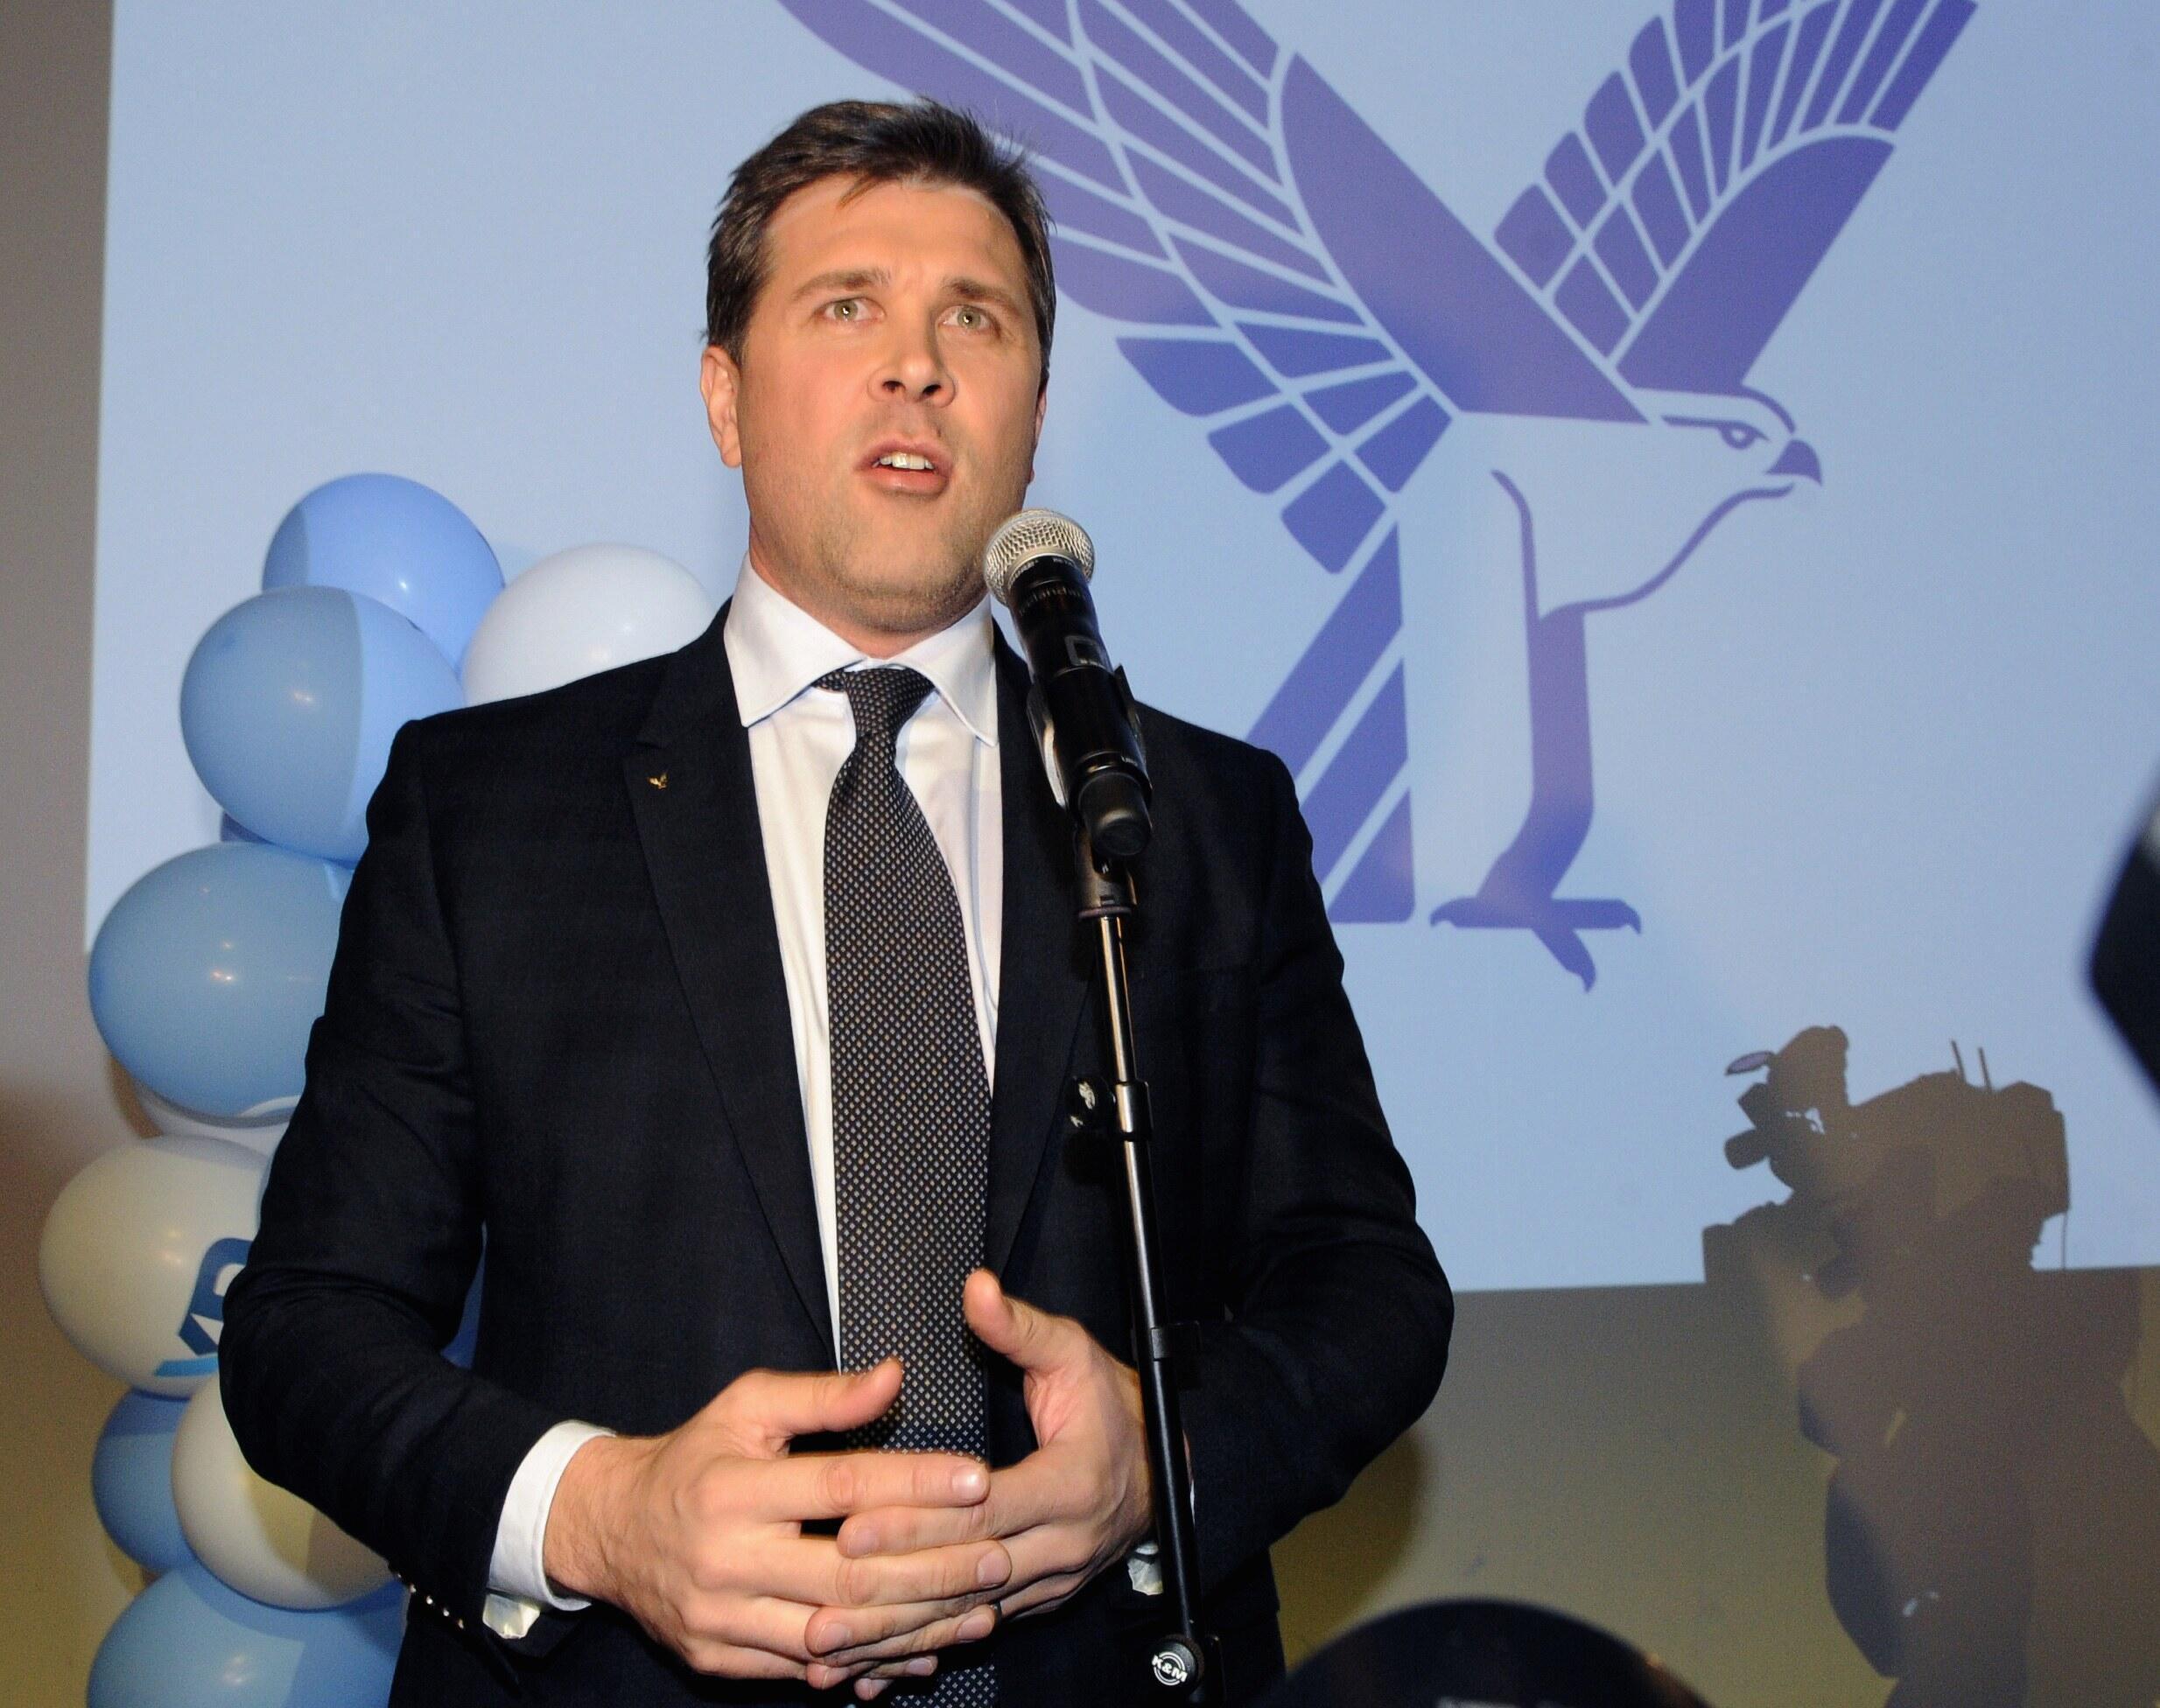 El líder del Partido de la Independencia  Bjarni Benediktsson celebra los resultados de las legislativas de este fin de semana.